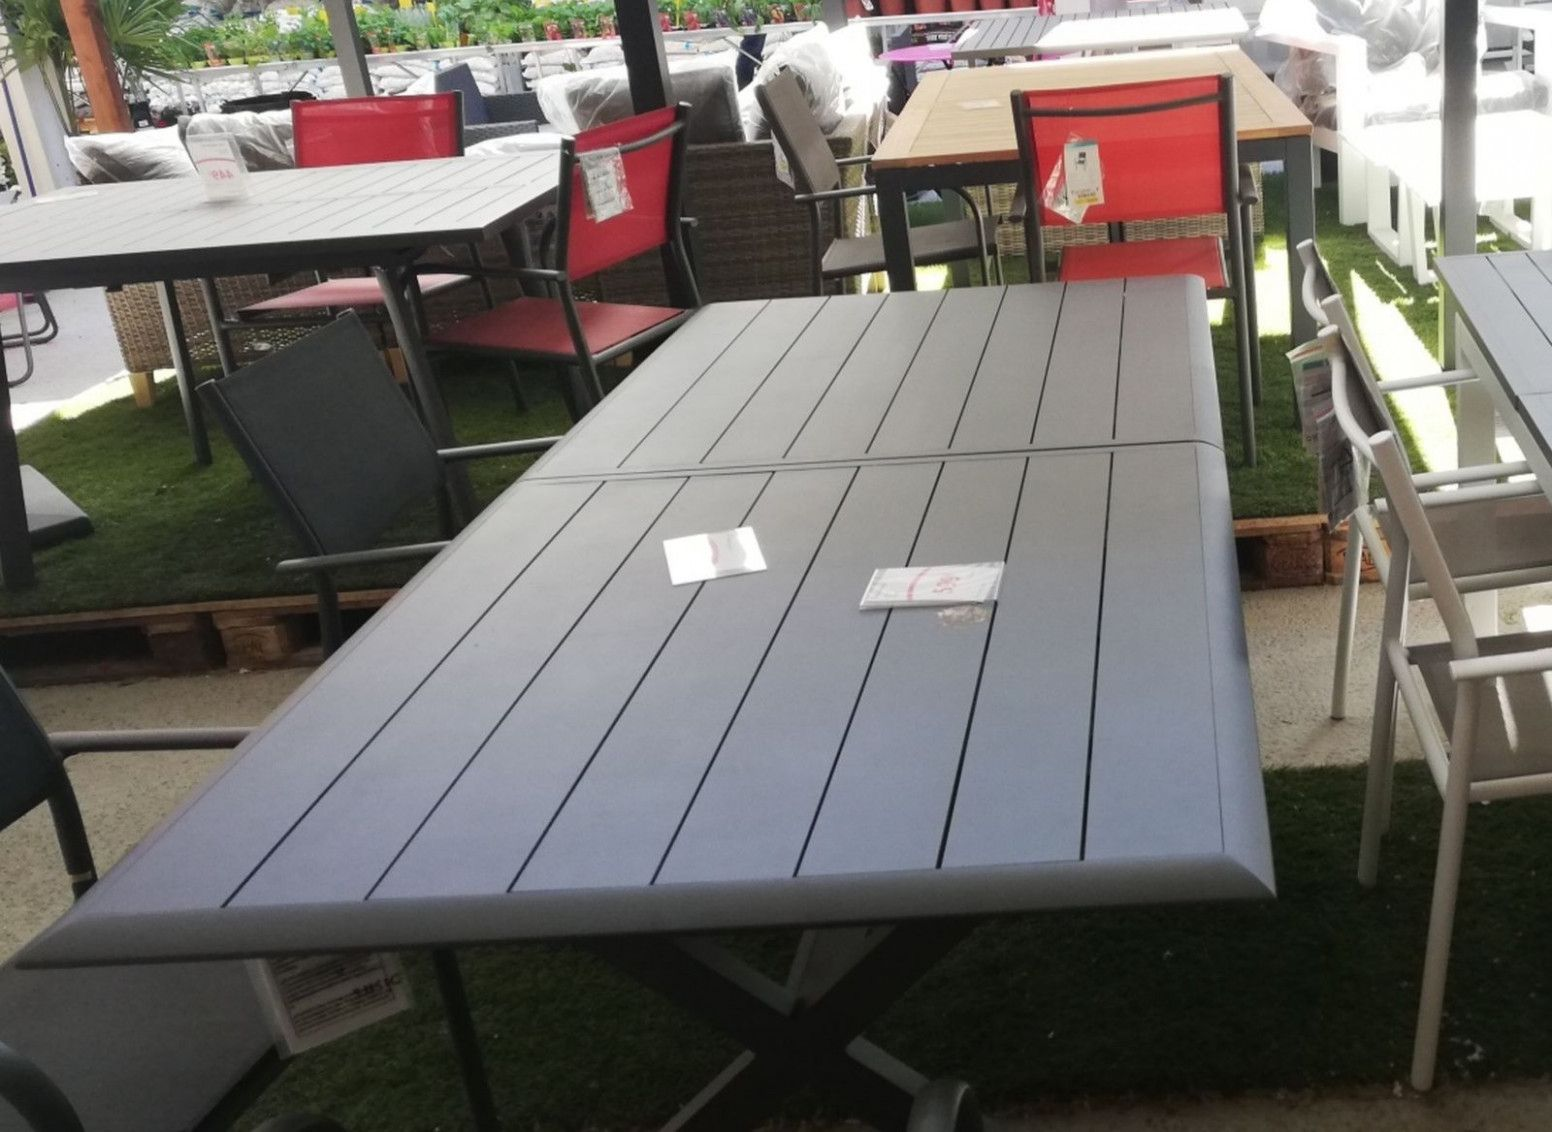 Table De Jardin Mr Bricolage Outdoor Tables Picnic Table Outdoor Decor